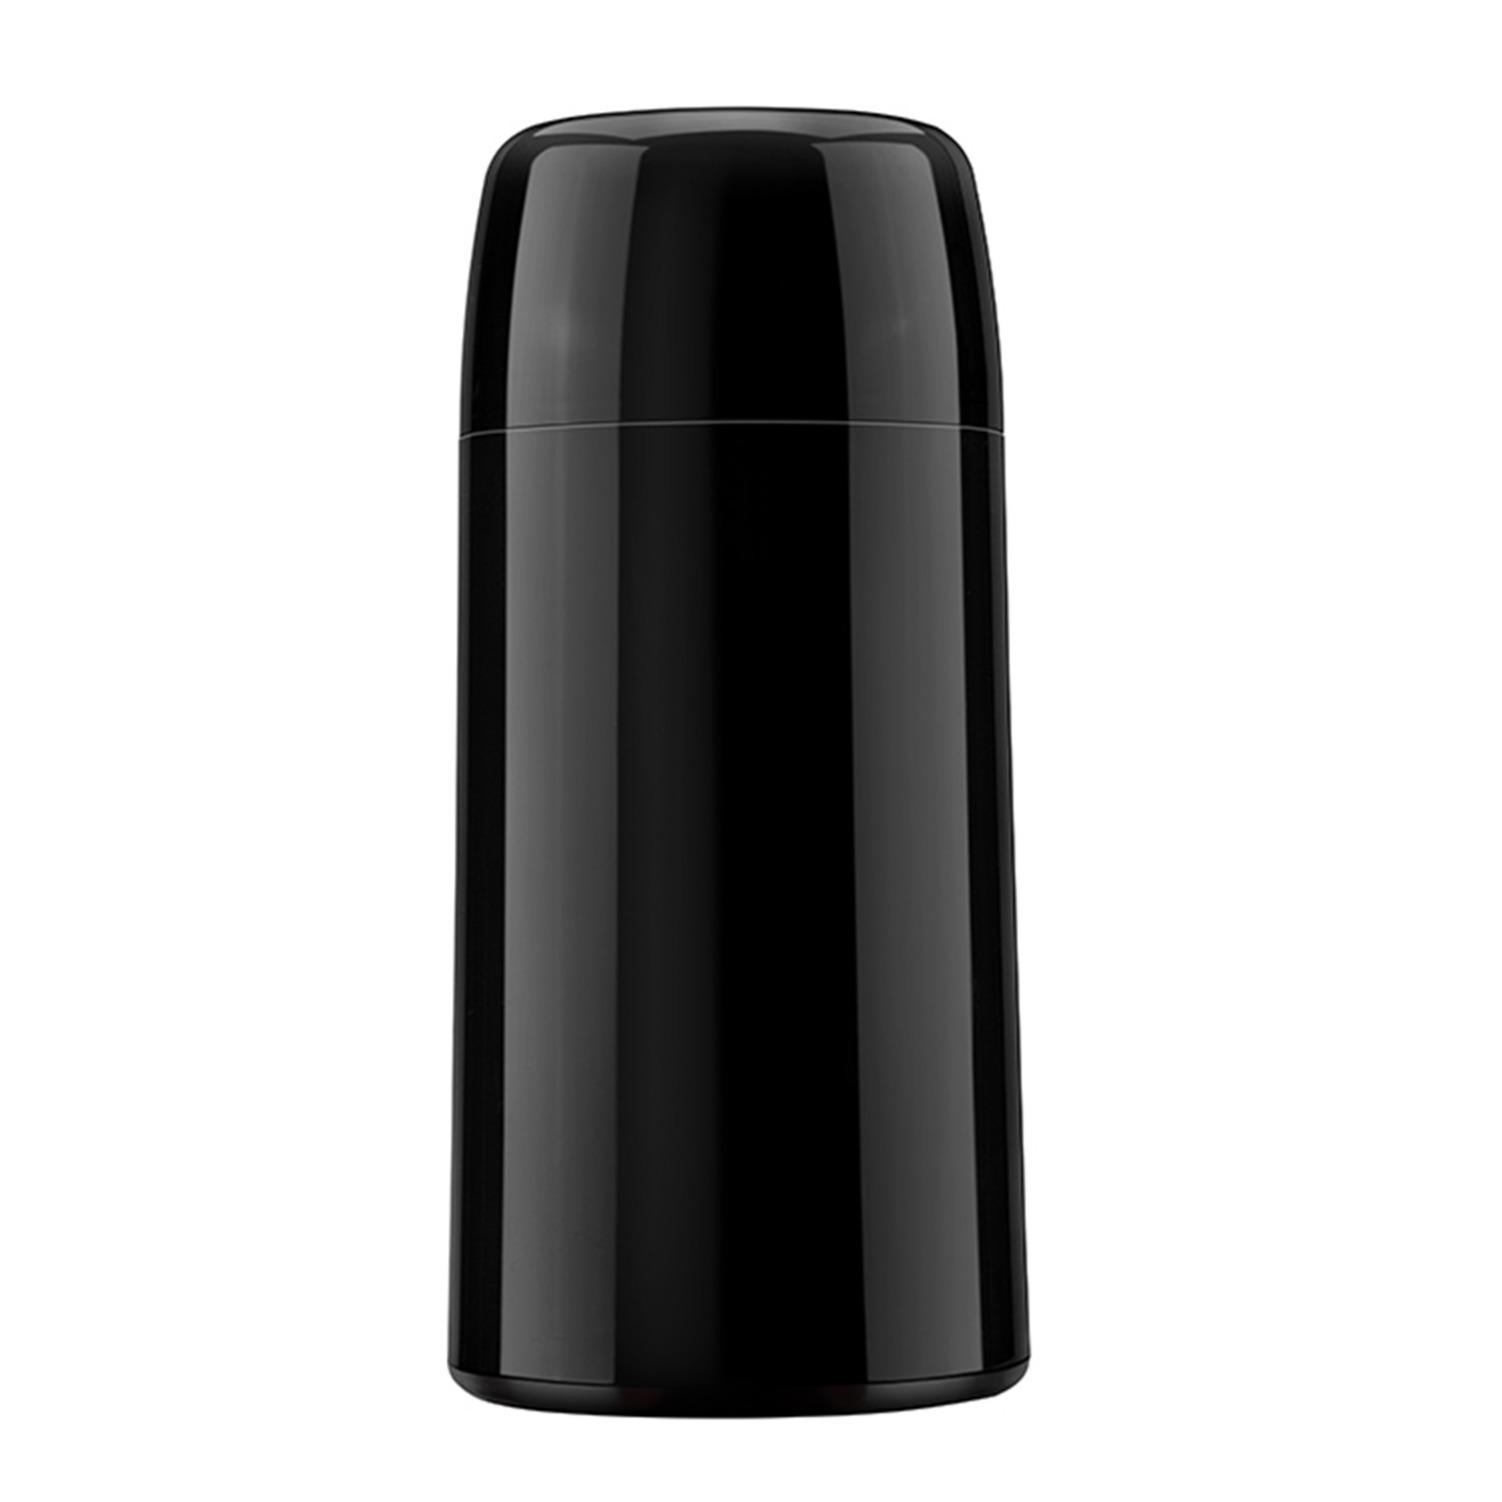 Garrafa Termica de Plastico Rosca 0250L Preto - Firenzi Mini - Invicta